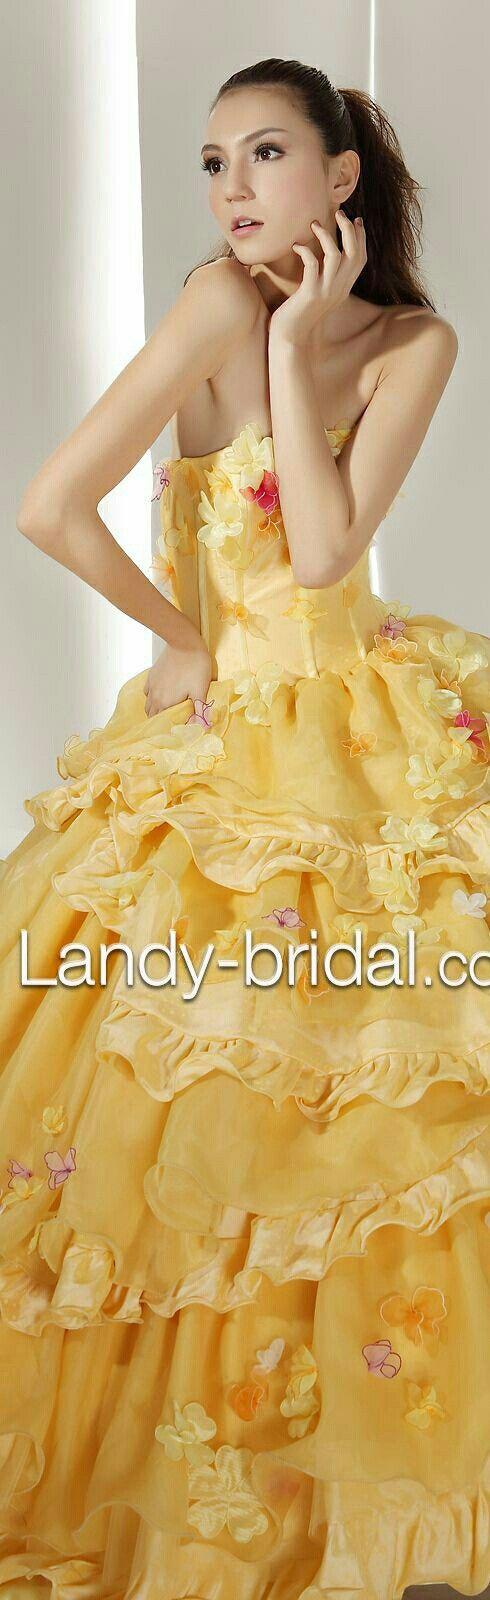 Daffodil Bridal Gown x Landy Bridals